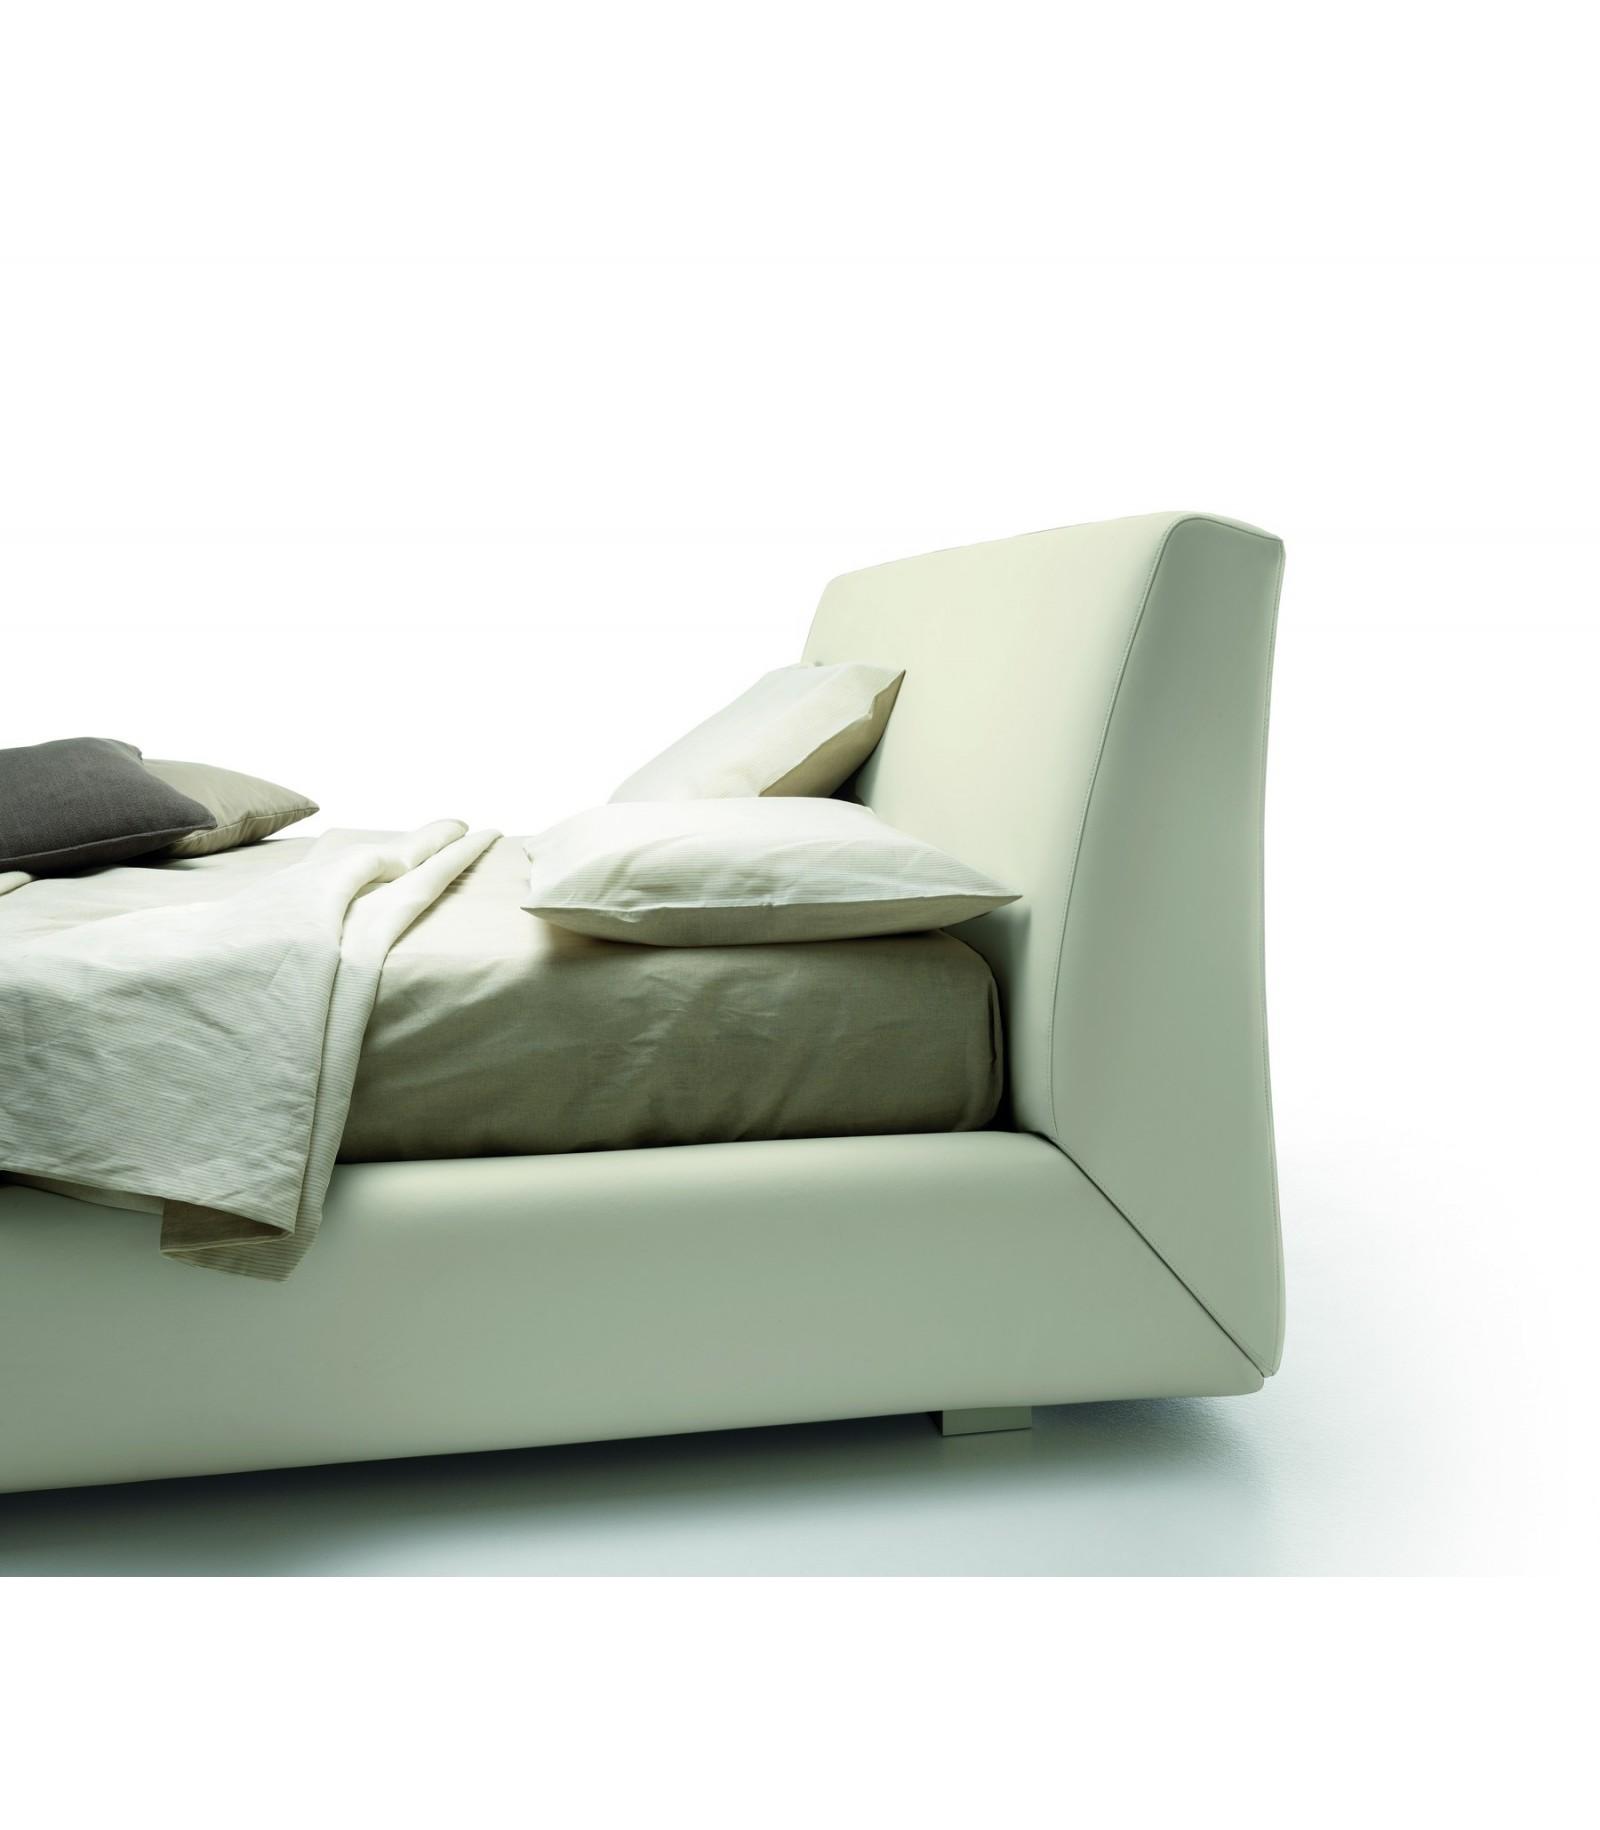 Tanghetti salotti brescia best divano letto modello sirio divano letto salotto arredamento - Divano letto brescia ...